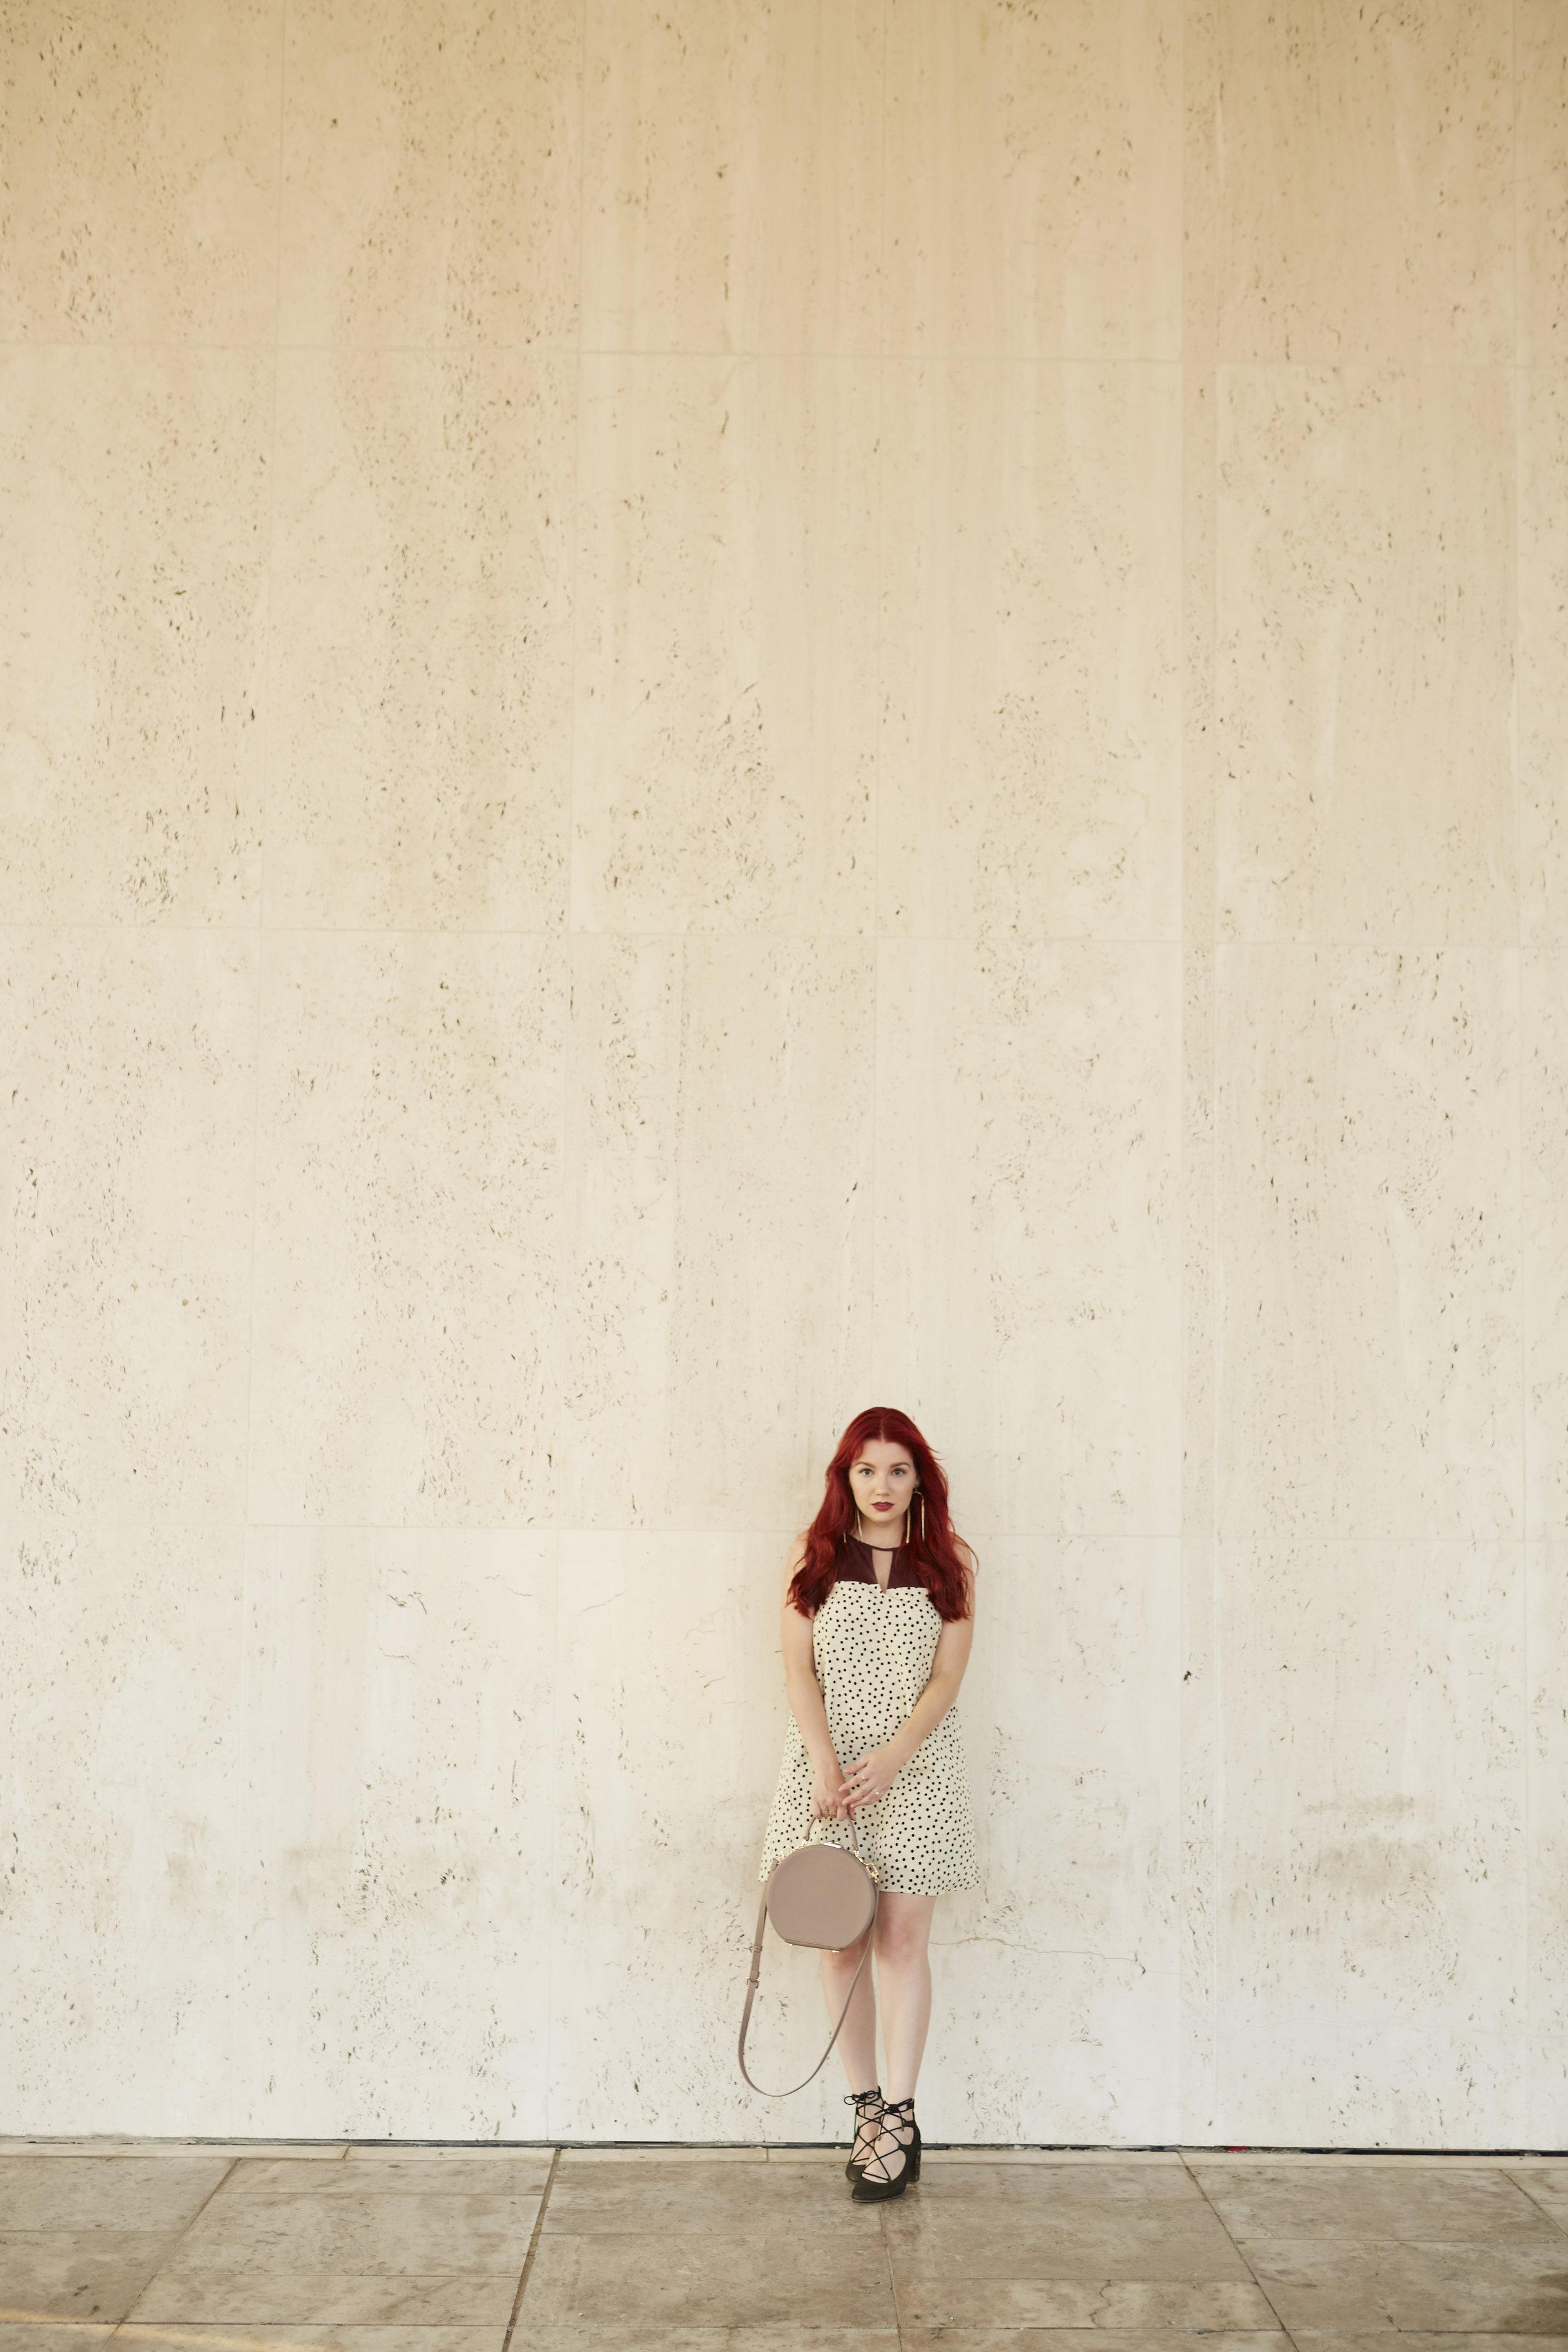 Julia - brphoto - 6I5A4382.jpg